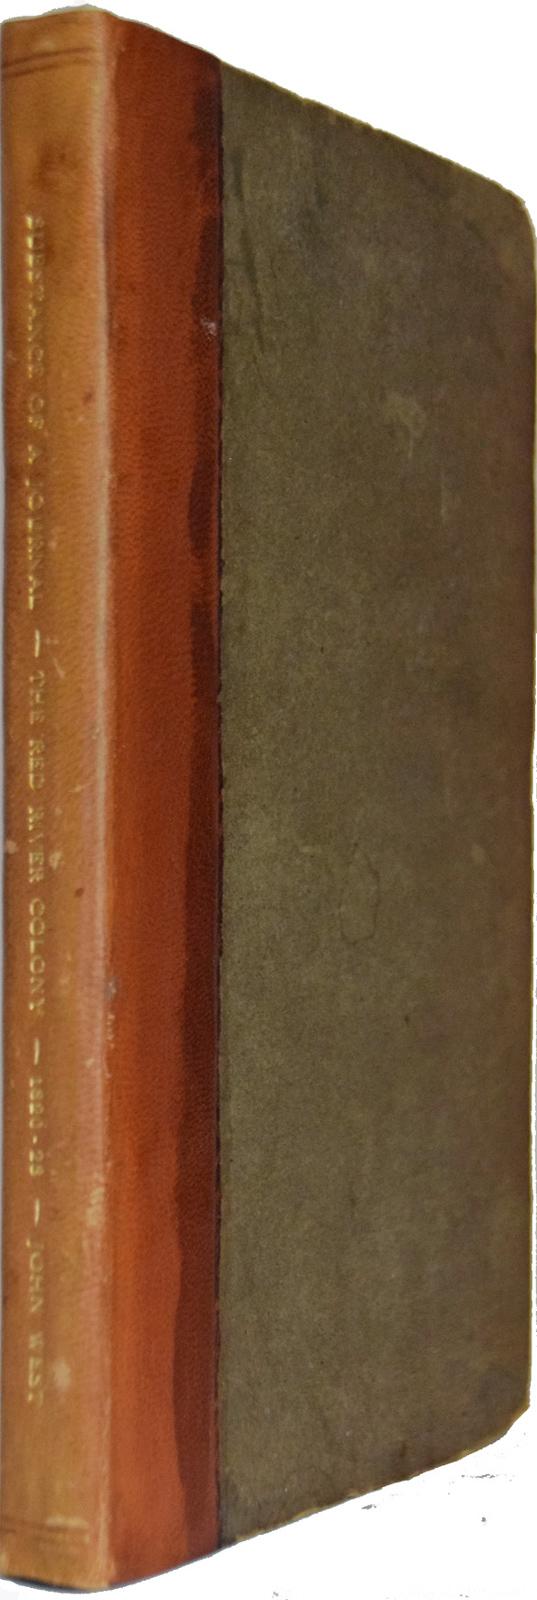 Vialibri Rare Books From 1824 Page 29